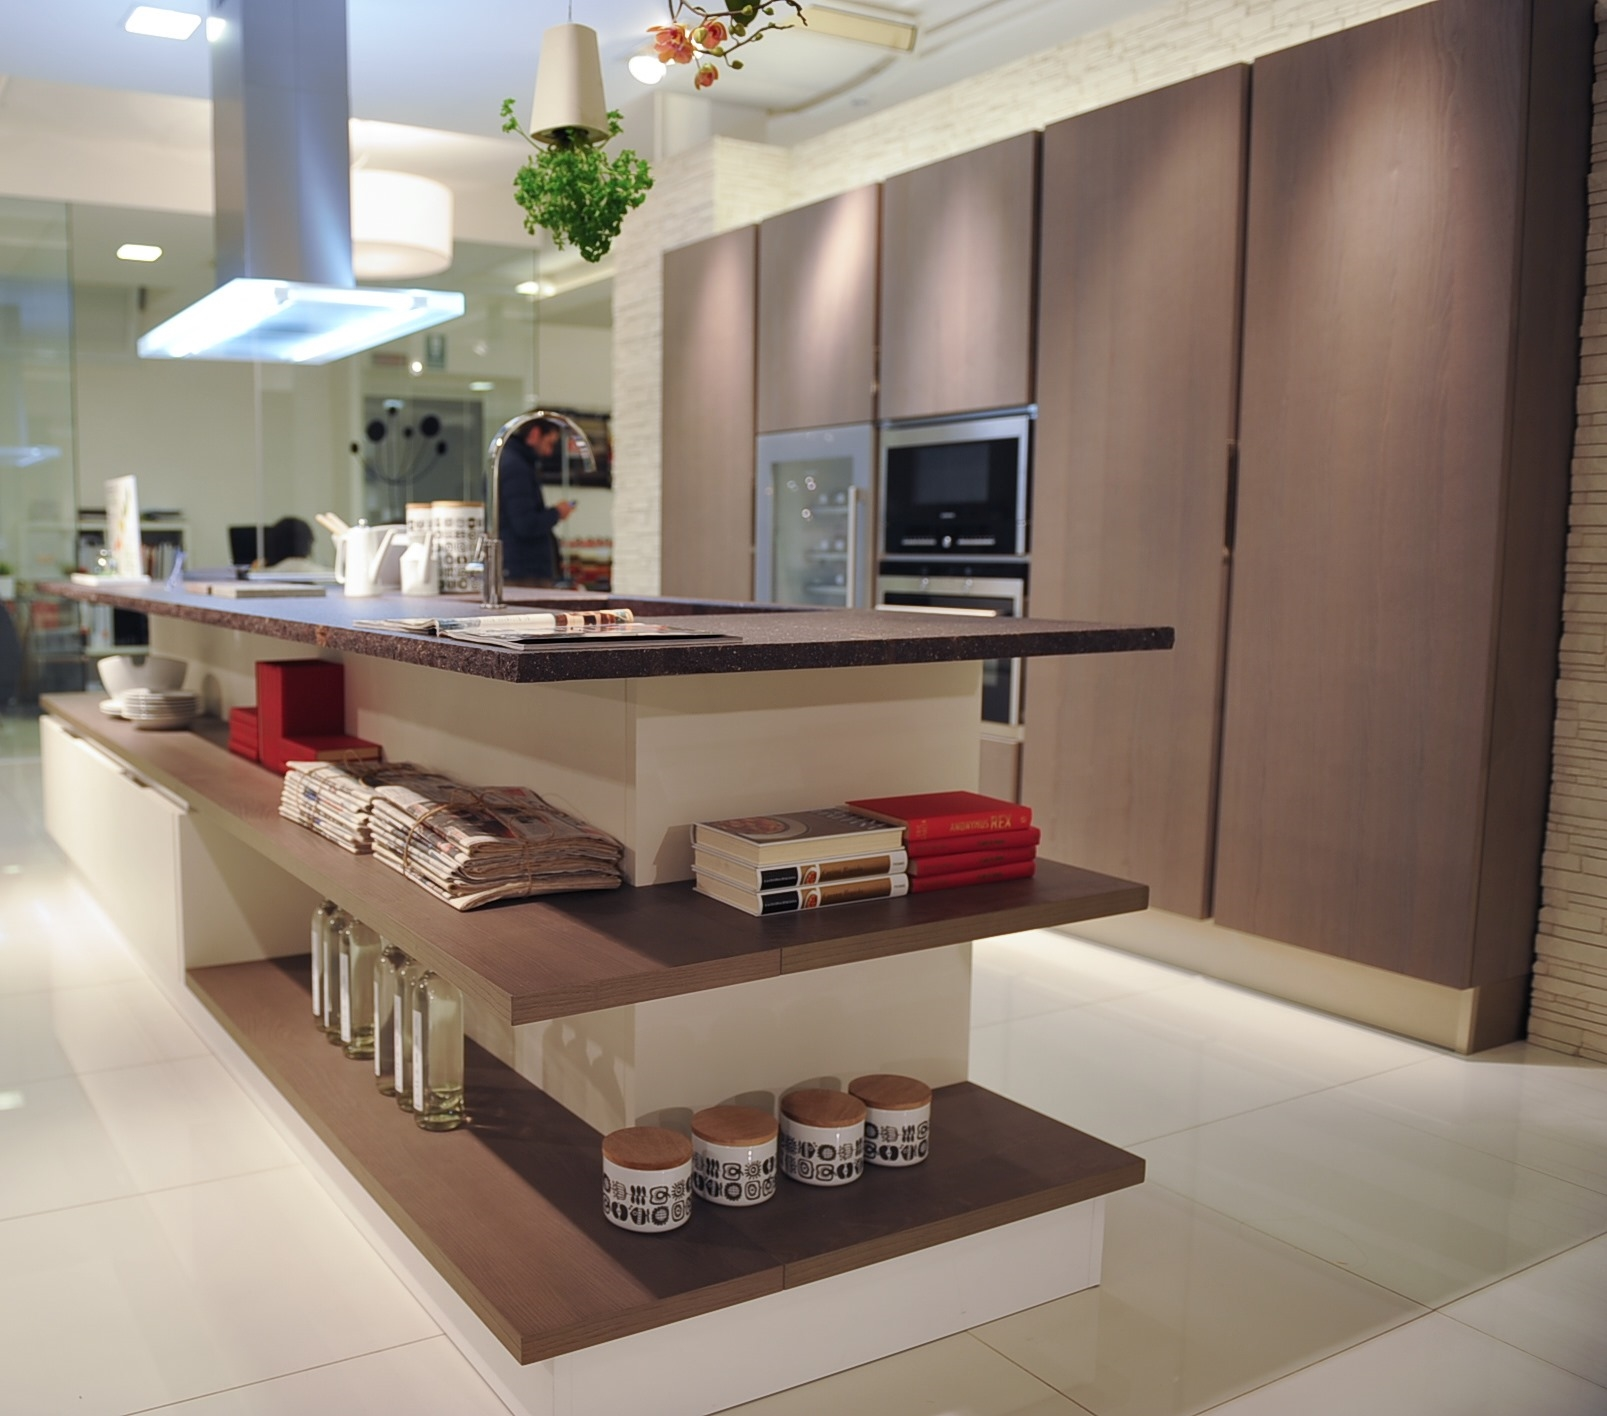 Chambre A Coucher La Roche Bobois : Veneta Cucine Modello Tulipano Con Basi E Colonne Sospese Colonna Per